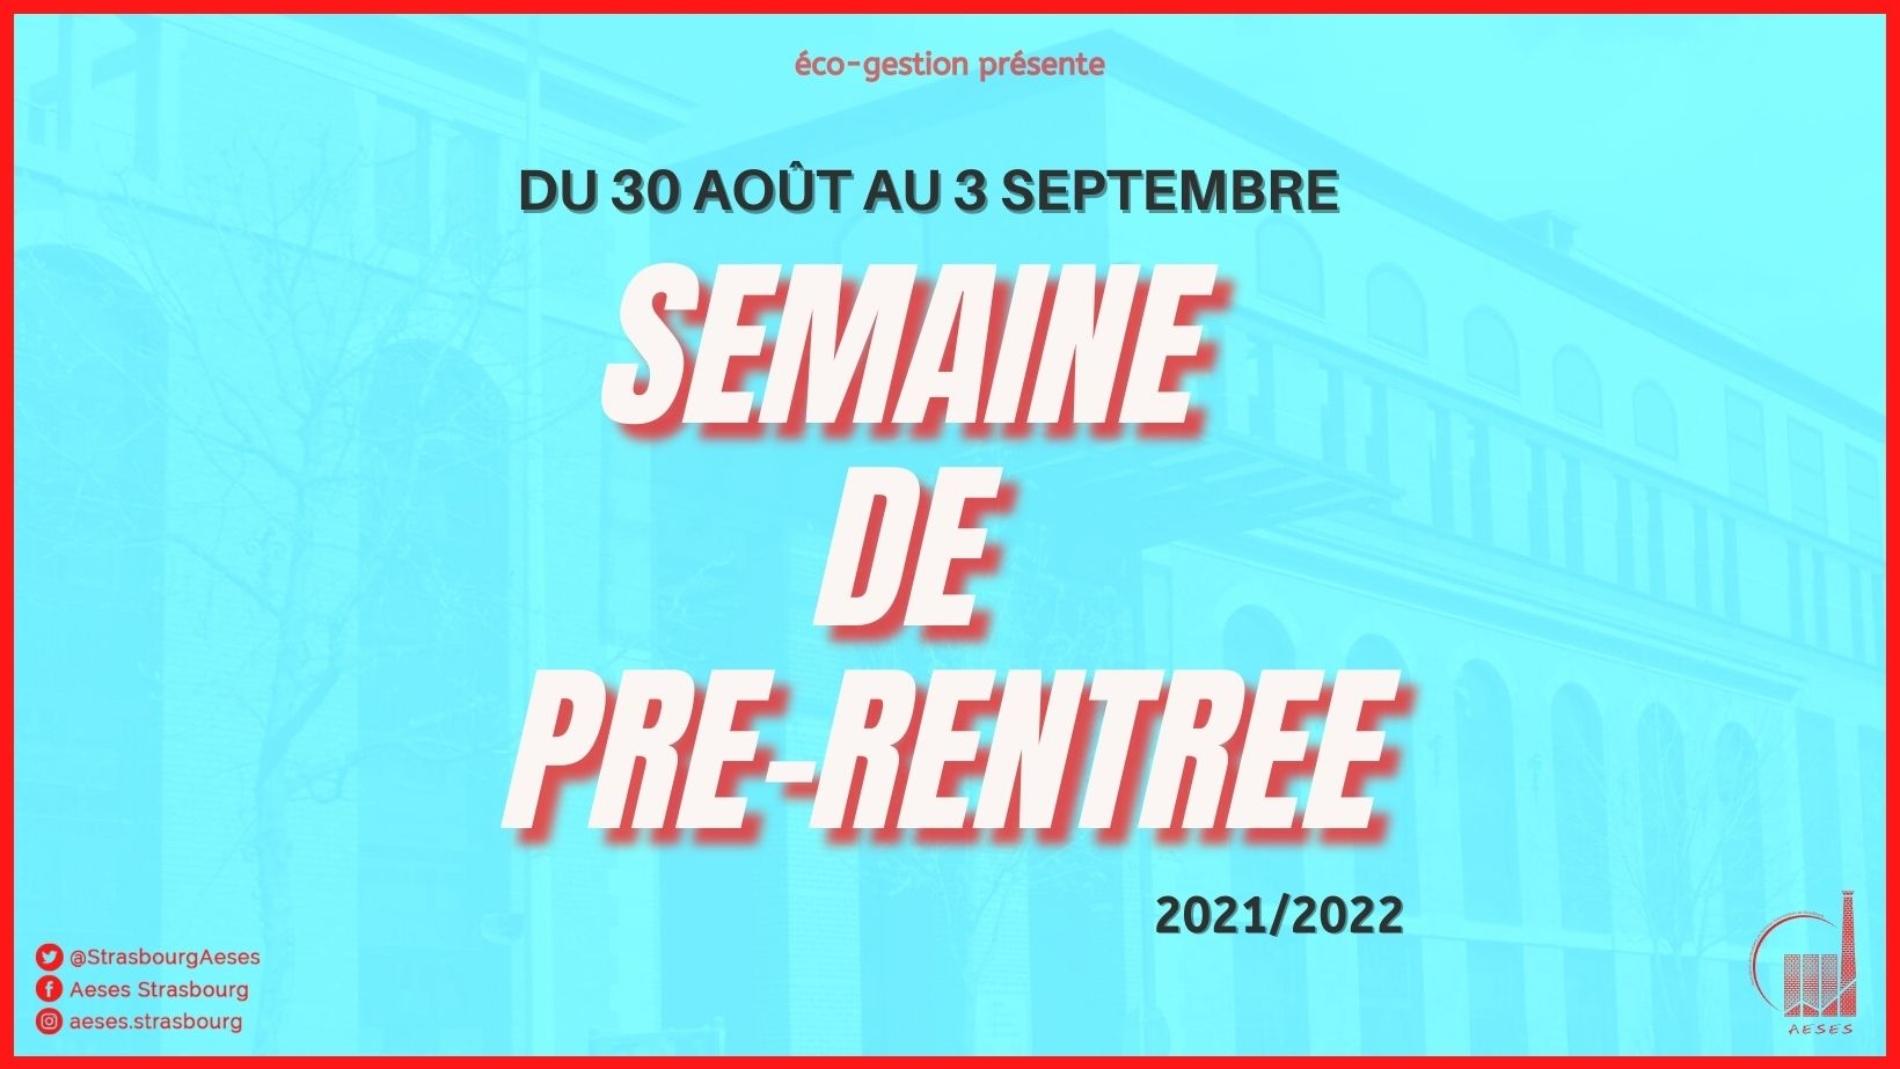 SEMAINE DE PRE-RENTREE